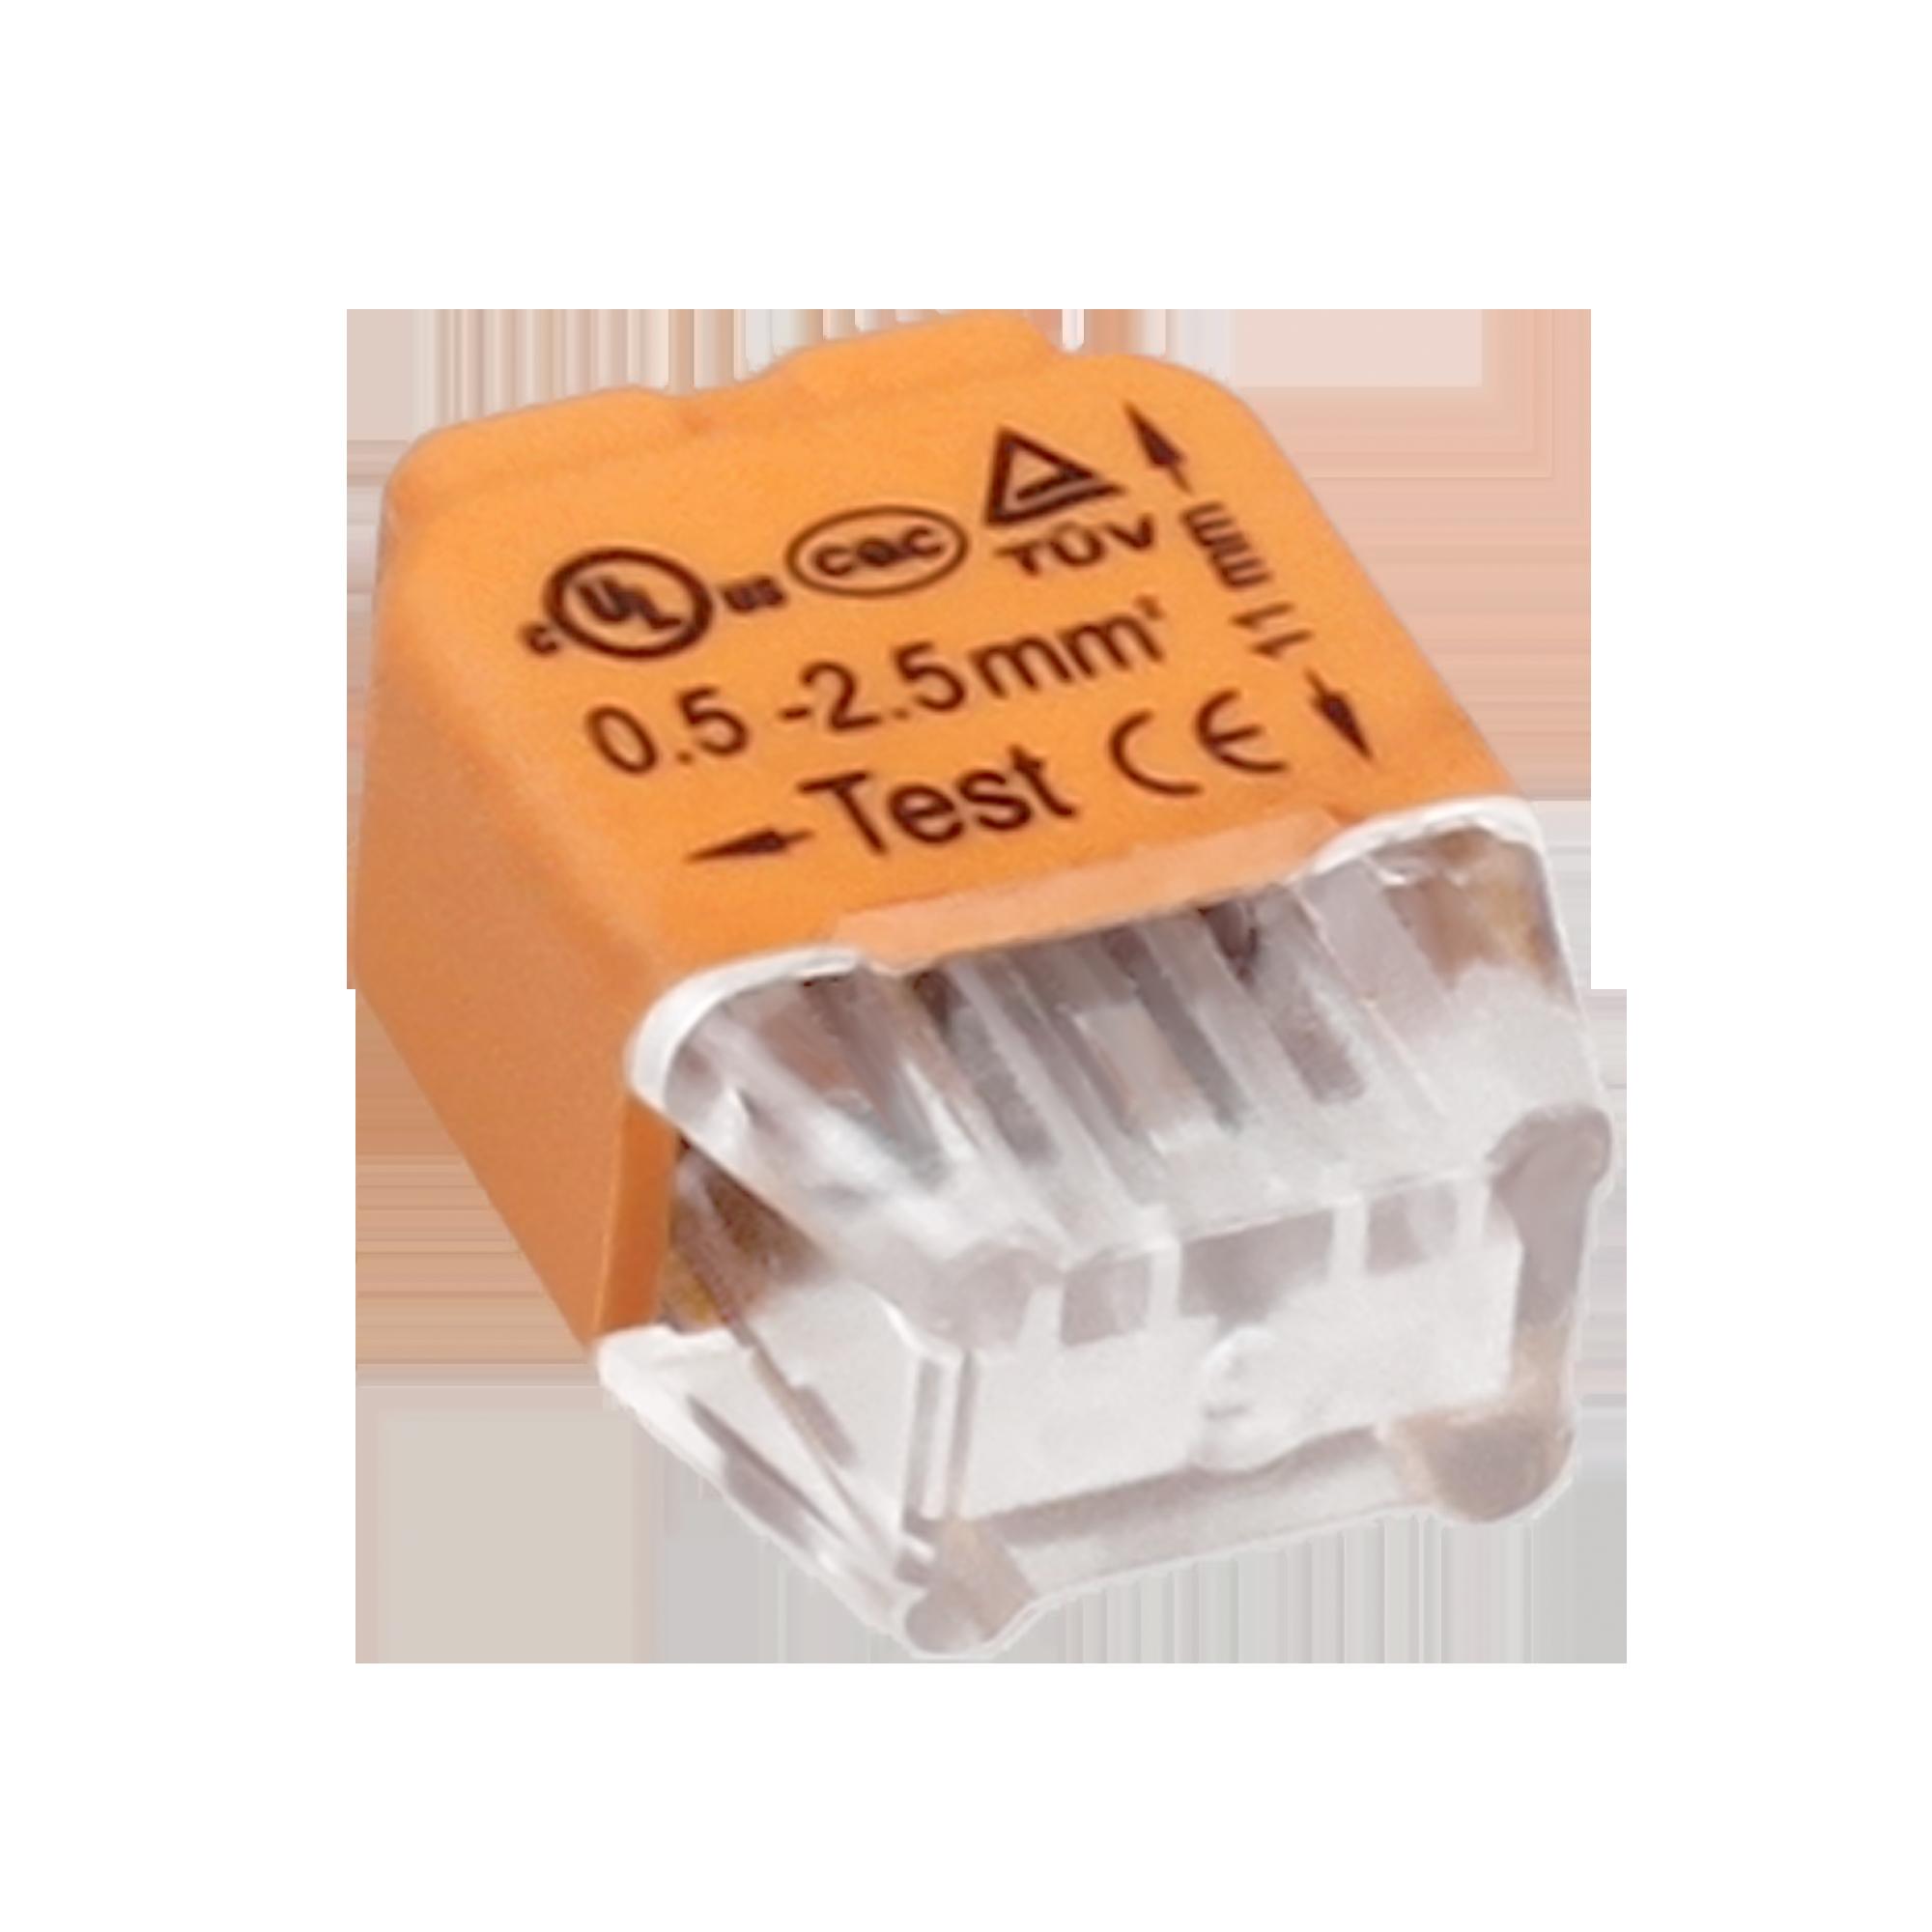 Złączka instalacyjna wciskana 2-przewodowa; Na drut 0,75-2,5mm²; IEC 300V/24A